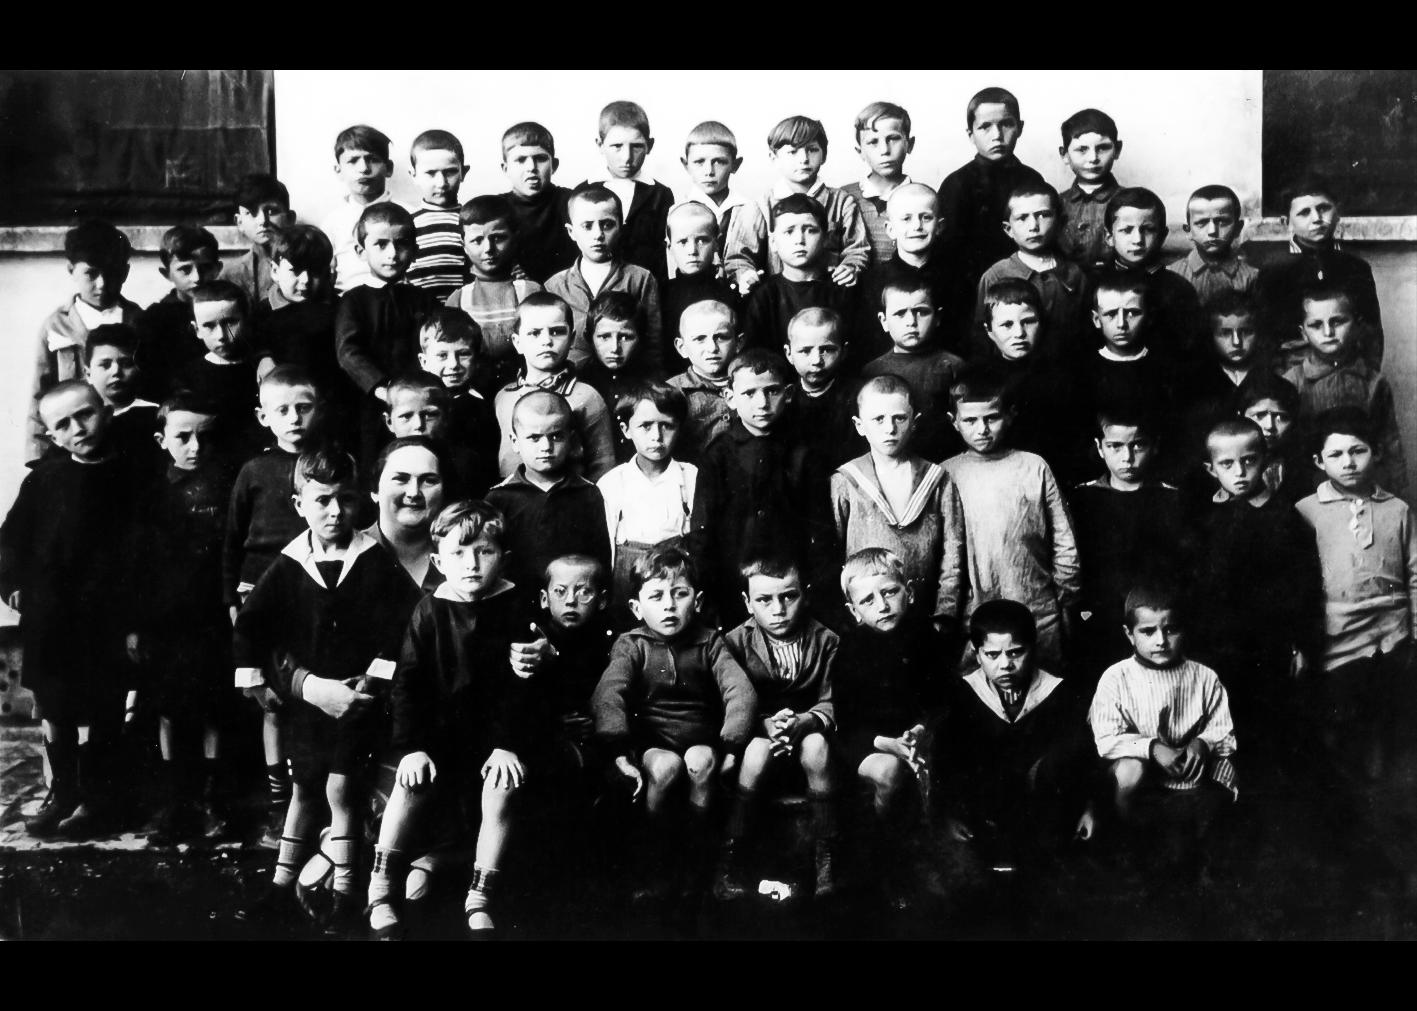 Una seconda elementare maschile del 1927-28. Da sinistra in prima fila in alto: Vaccari Gualtiero (un po' più in basso con la nuca appoggiata al davanzale della finestra), .........., .........., Baroni, Mario, Malservisi Marino, Govoni Luciano, Ansaloni Ugo, Schiavina Nario, ........, Orsini Elio. Da sinistra in seconda fila: .........., Lodi Augusto, Bettoli Bruno, Corazza Duilio, Mazza Radames, ..........., ............, .........., Lodi Fernando, Malaguti Luigi, Toselli Luigi, Zanotti Ugo, .......... Terza fila da sinistra: Gardini Fulvio, Atti Dante, Bergonzoni Adriano, Chiossi Enzo, ..........., Bovina Alessandro, Orsini Ido, ............, Rimondi Timoteo, Bergamini Dealmo, ..........., Ansaloni Ugo. Quarta fila da sinistra: Bonazzi Arrigo, Manferdini Aldo, Cremonini Donino, Guidi Odolone, Cremonini Lodovico, Paltrinieri Bruno, Scaramagli Amedeo, Toselli Pietro, Preti Giuseppe, ............, ............, Manferdini Mario (seminascosto), Tassi Arrigo. Quarta fila da sinistra: ............, la maestra Tura Jolanda, Lambertini Bruno, Pedriali Arrigo, ............, Tassinari Osvaldo, Cremonini Donino, ........., Fini Mario.